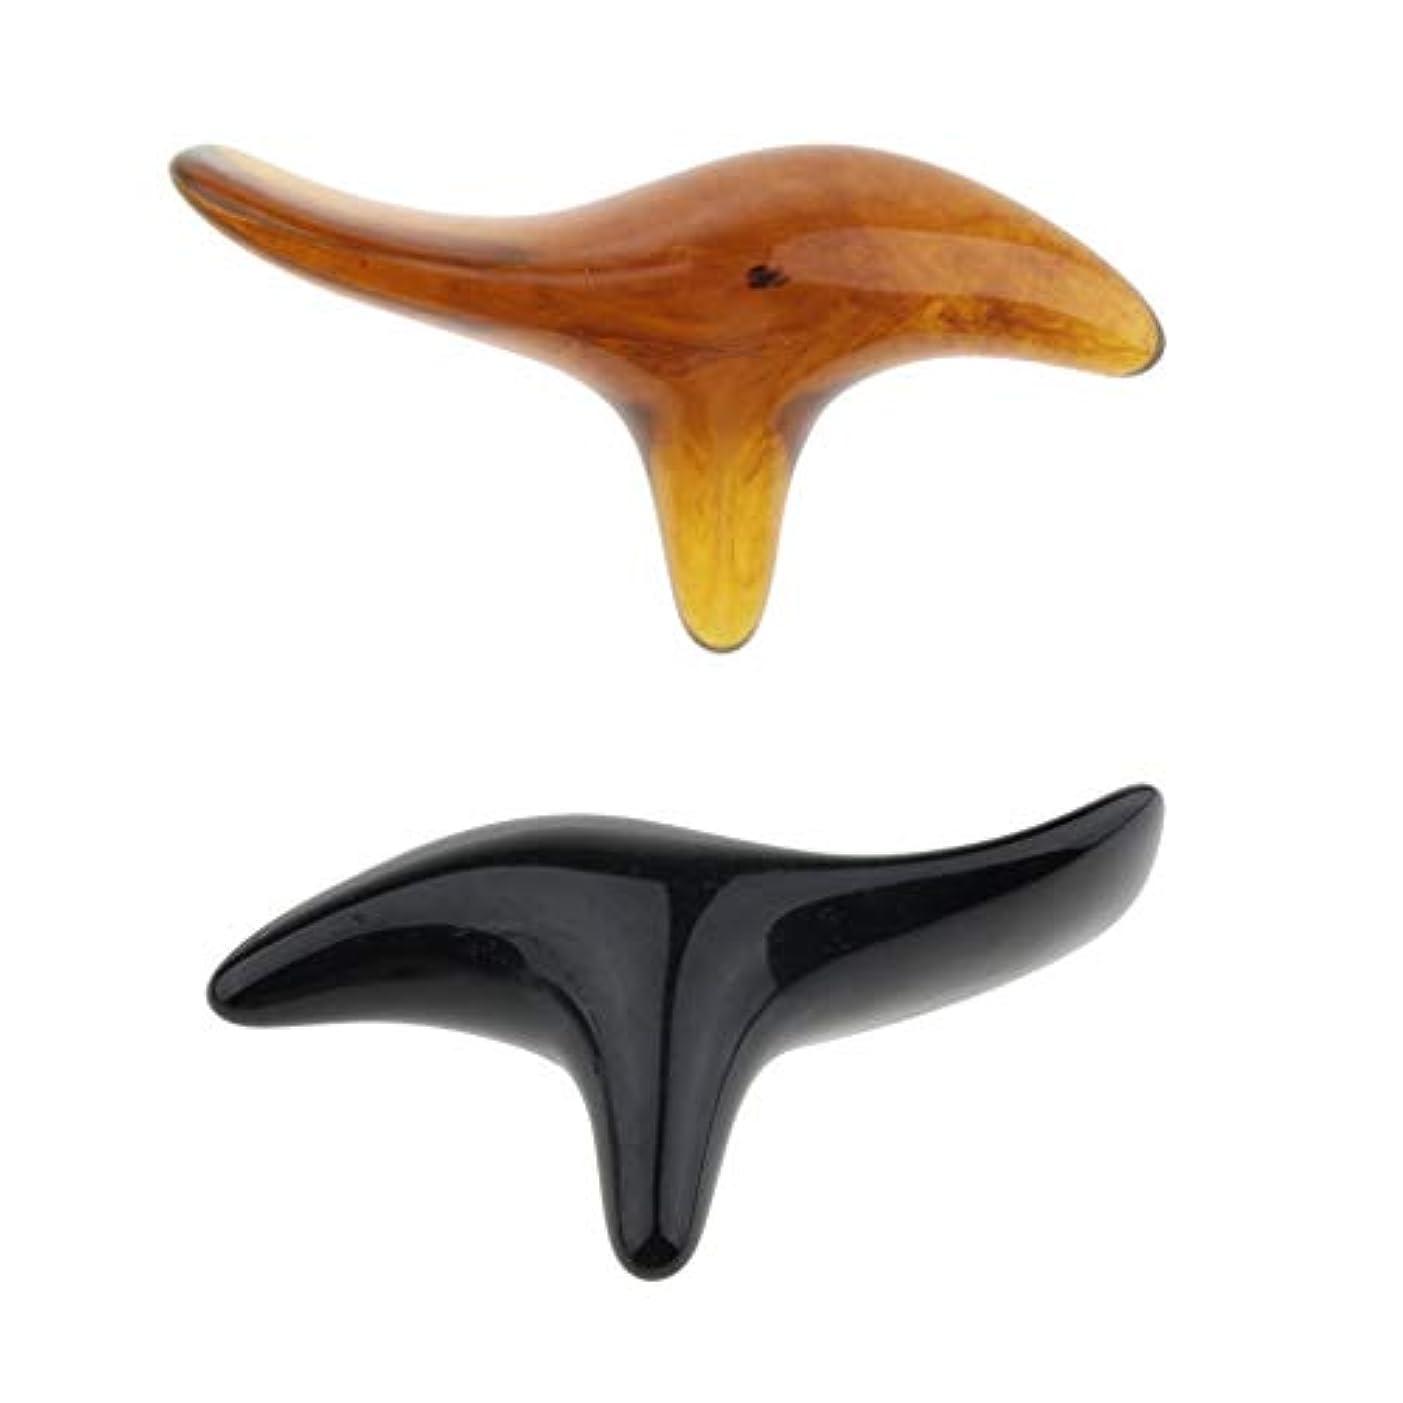 鉛人生を作る傾向があるフットマッサージ スティック マッサージ棒 ツボ押しグッズ ストレス解消 疲労緩和 2個入